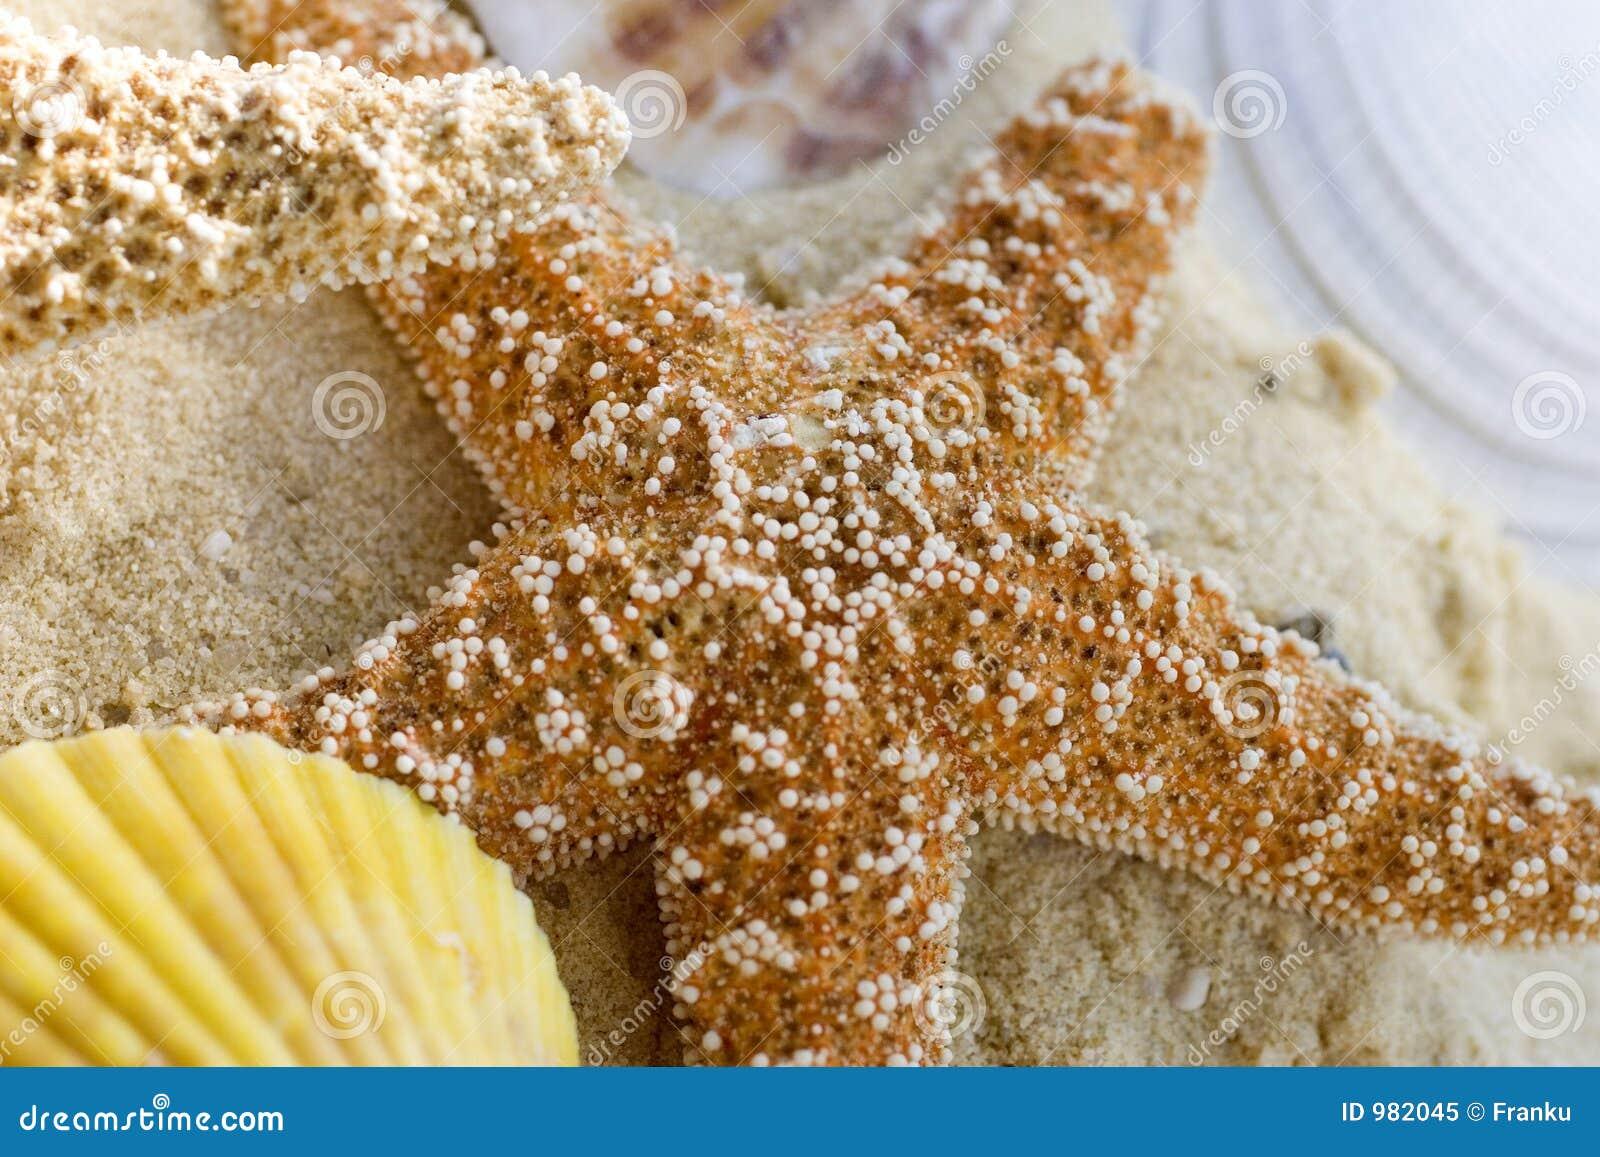 Stranden shells sjöstjärnan